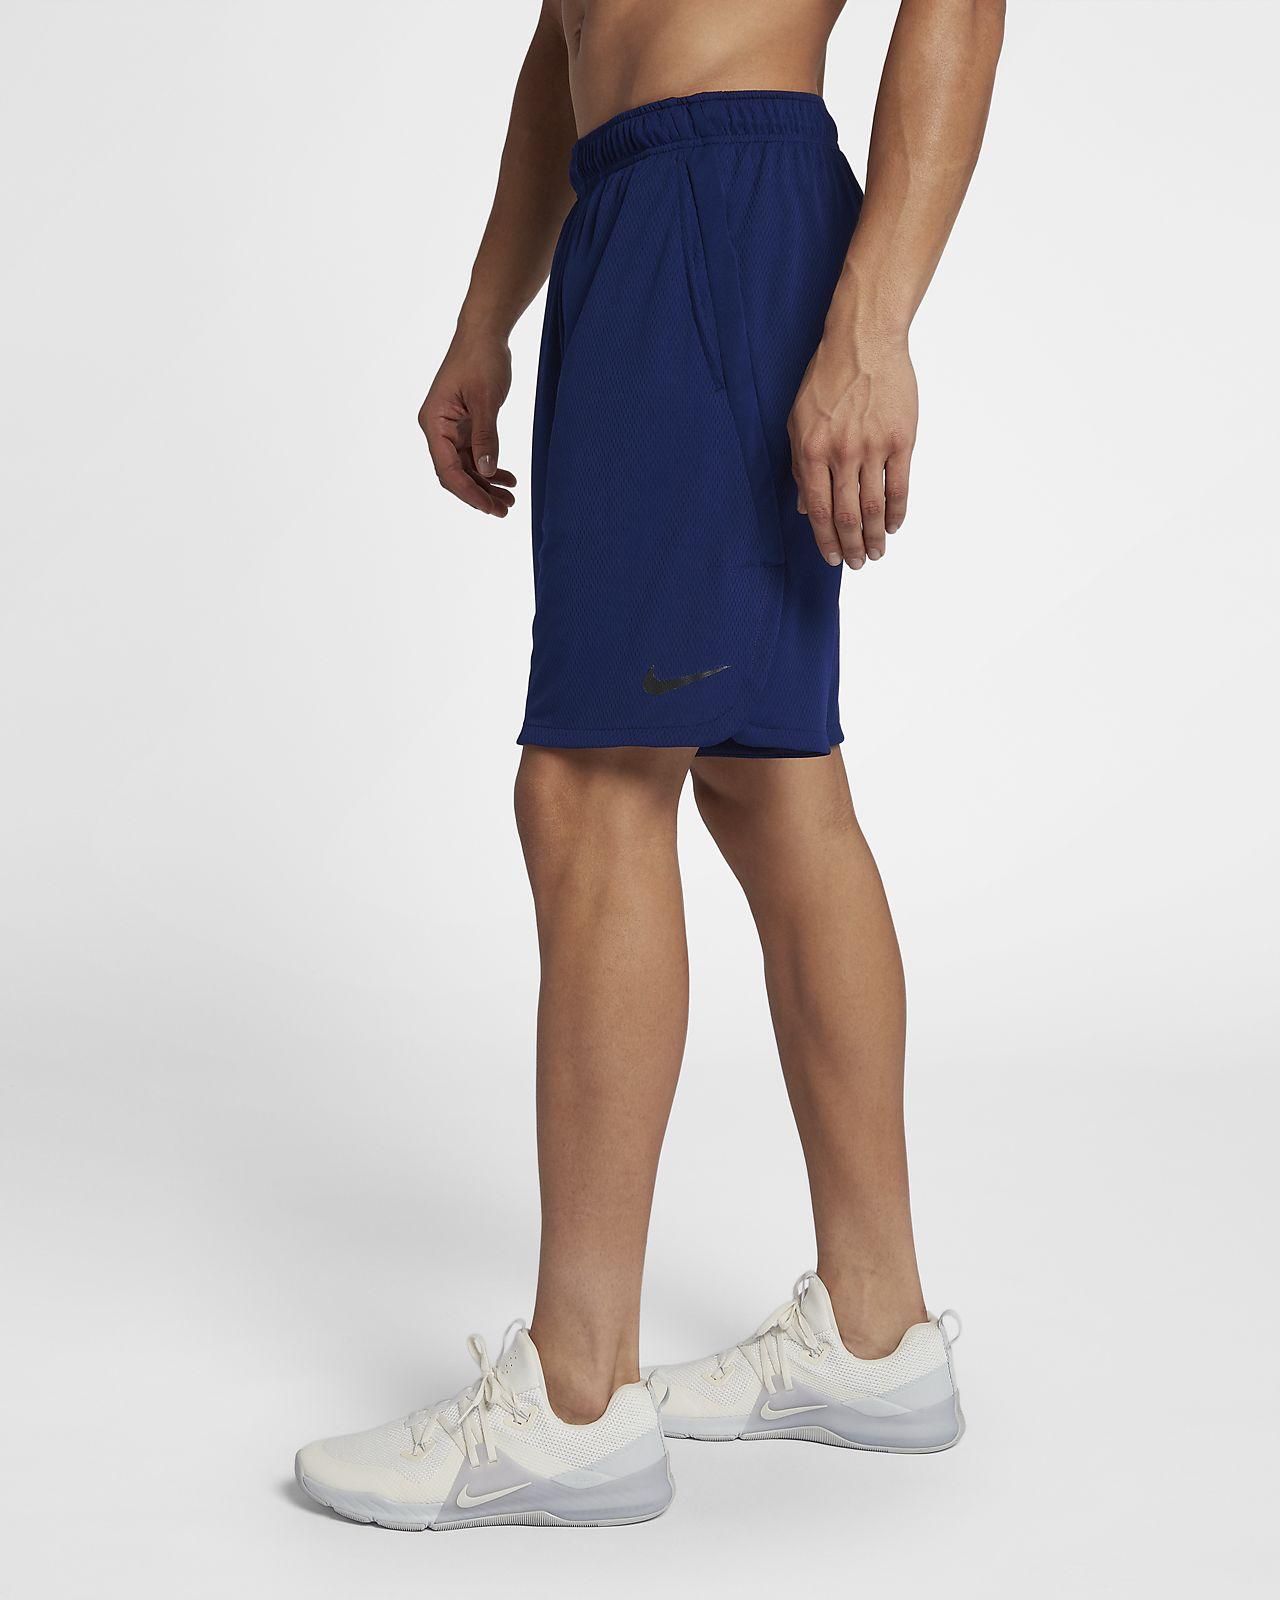 ... Nike Dri-FIT Pantalón corto de entrenamiento de 23 cm de tejido Woven -  Hombre 9f762eaf327